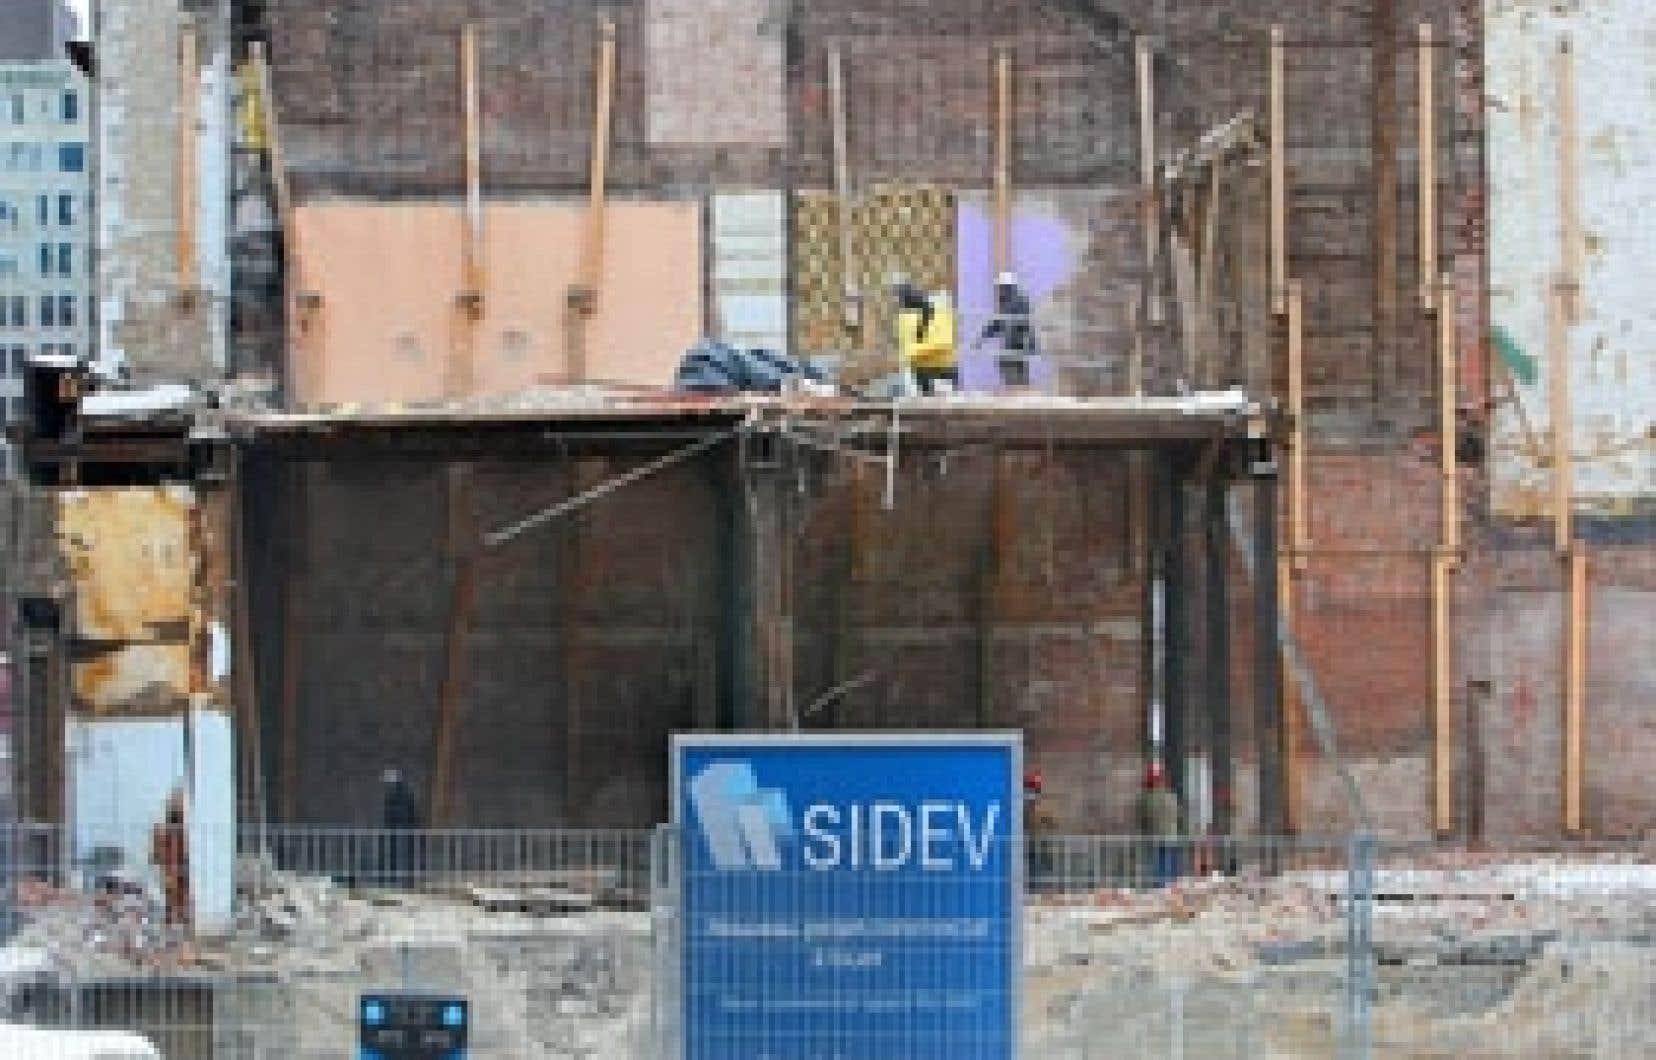 La société immobilière SIDEV a fait démolir six immeubles, dont la salle du Spectrum, pour mettre en chantier un projet commercial aujourd'hui menacé.